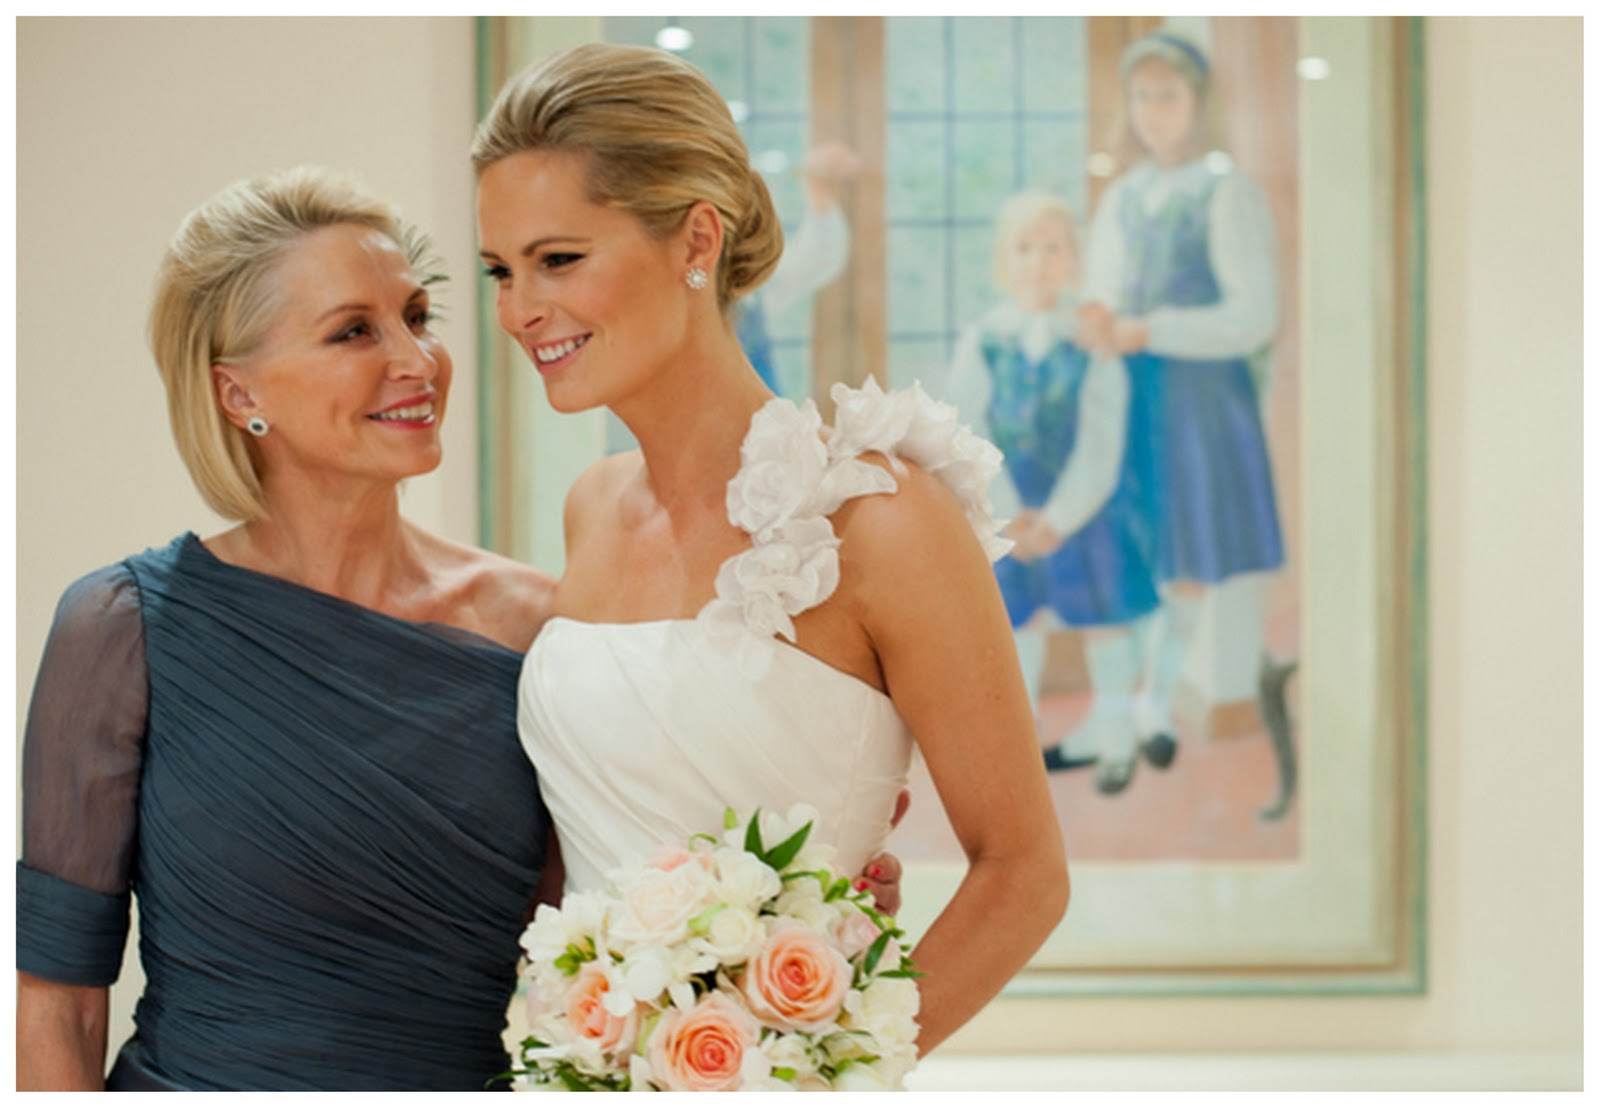 Наряд маме на свадьбу дочери фото